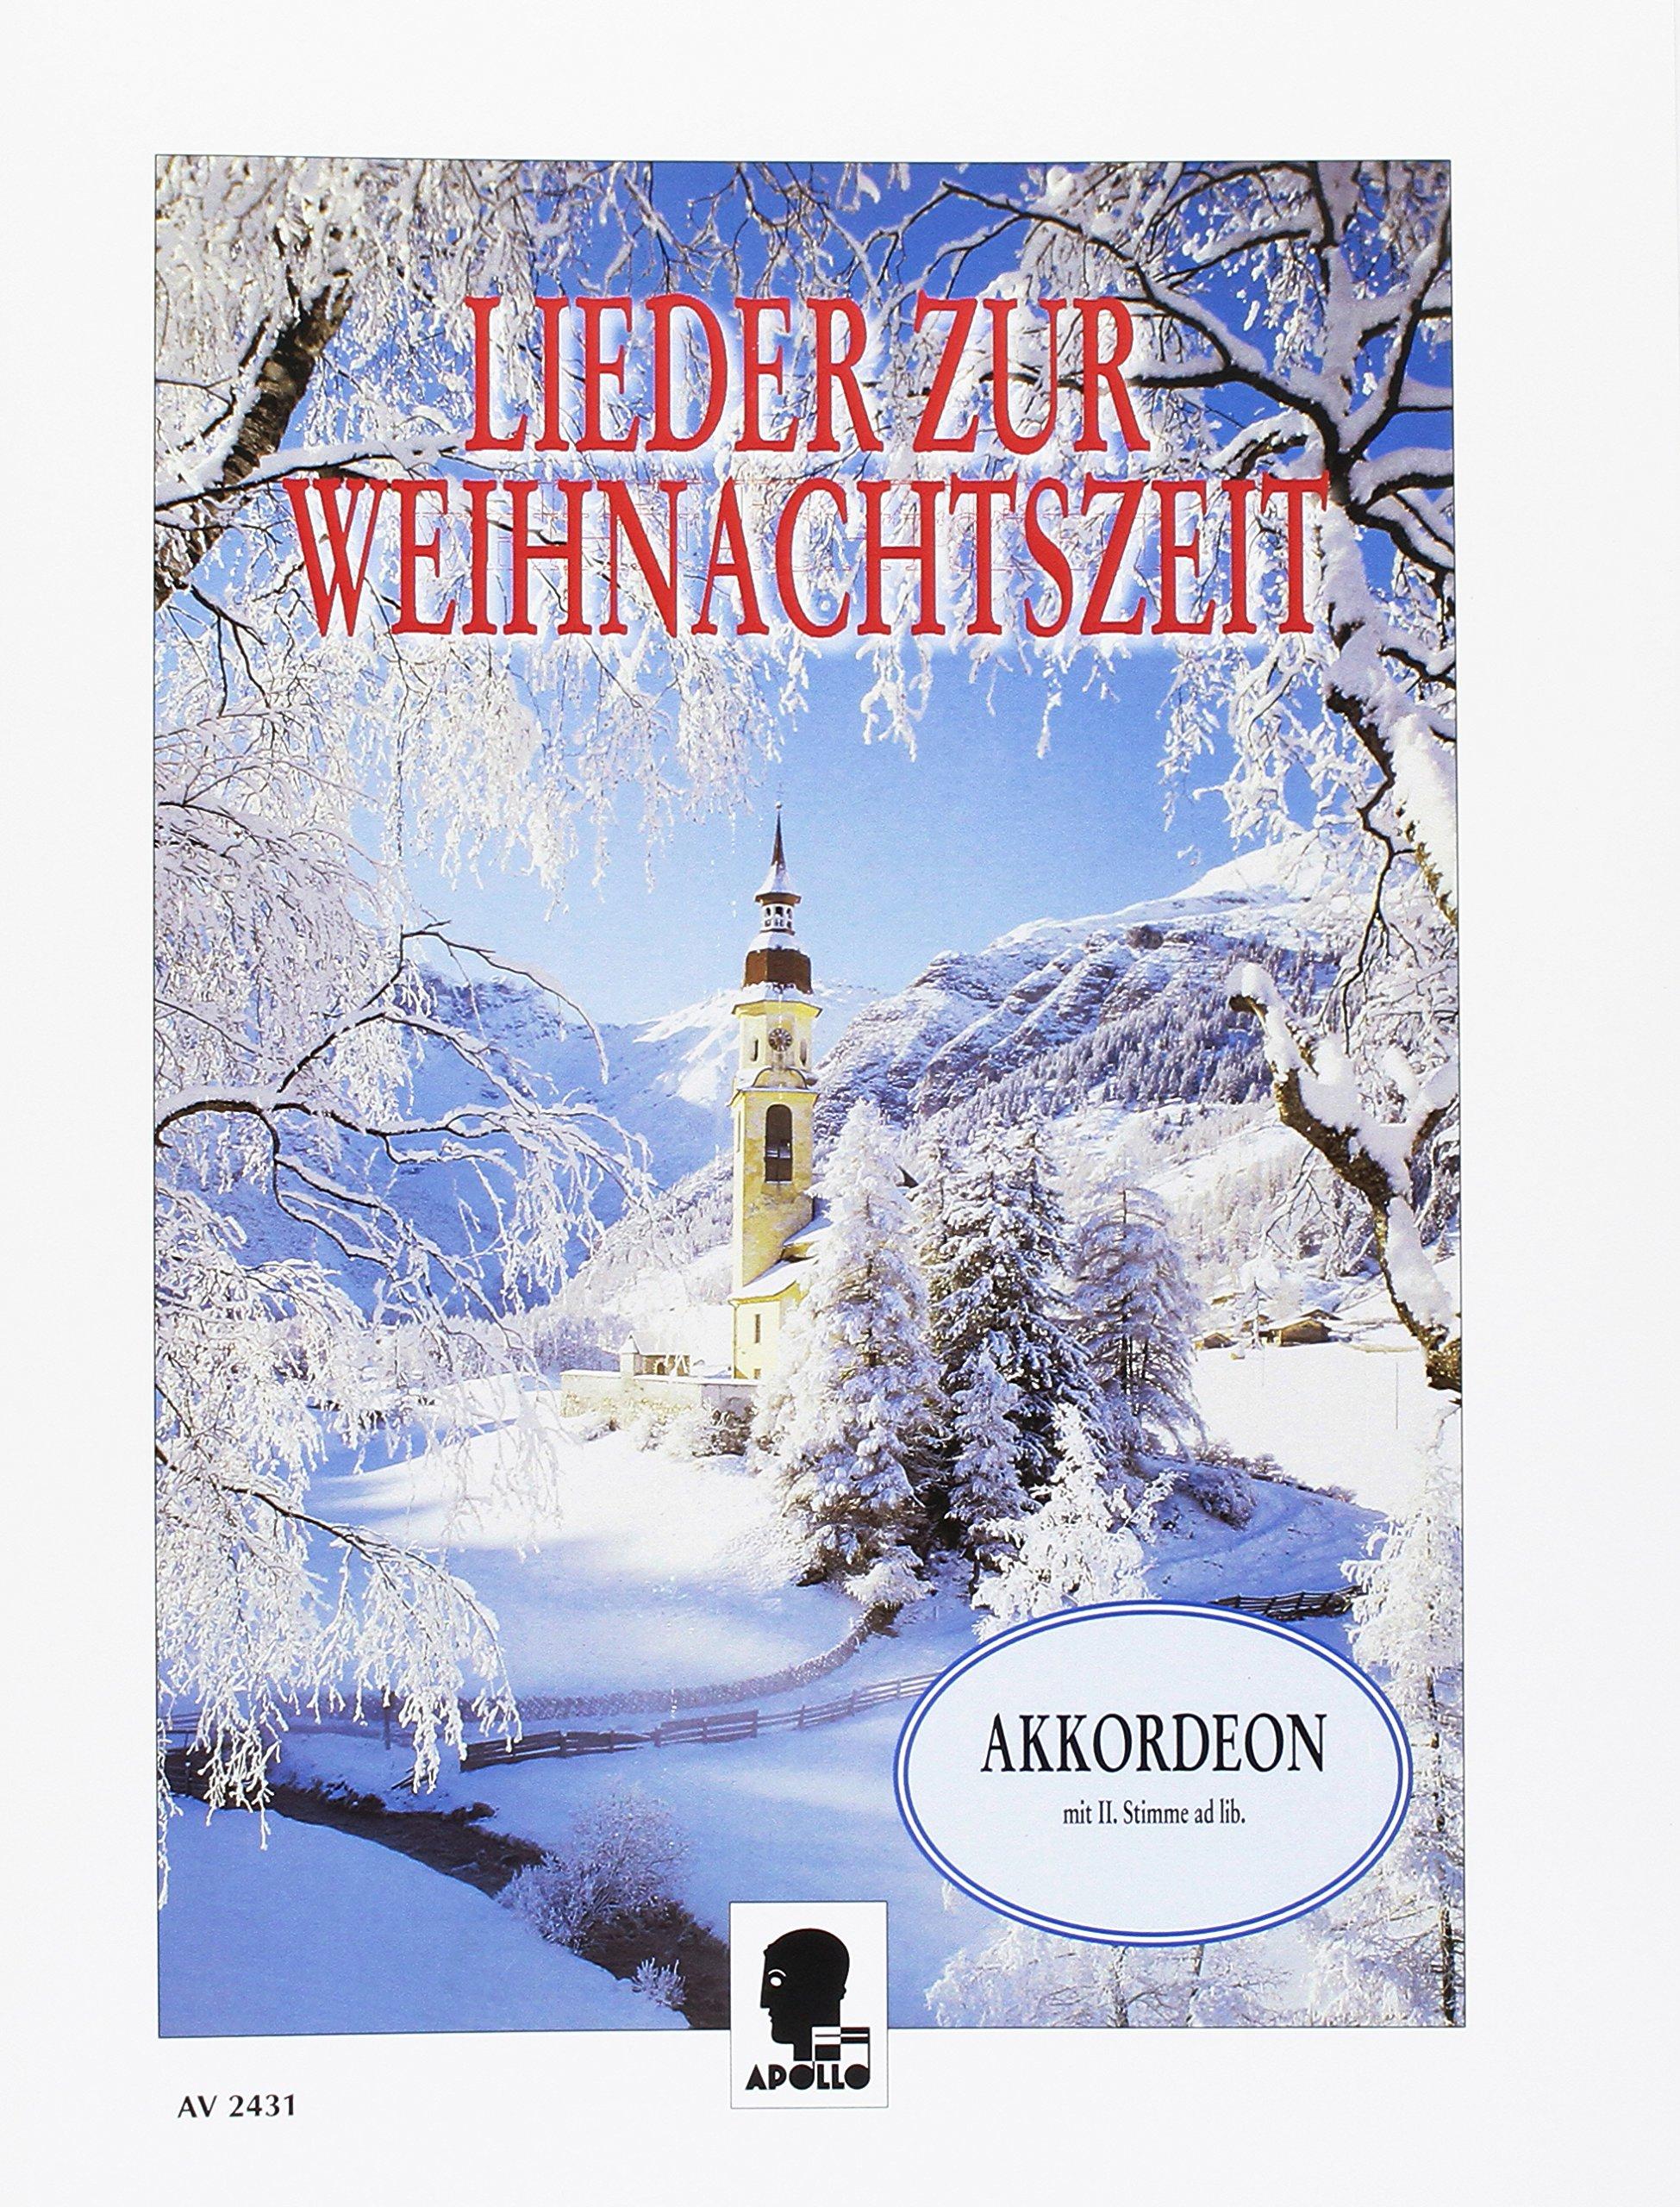 Lieder zur Weihnachtszeit: für das Solo- und Gruppenspiel. Akkordeon; 2. Stimme ad libitum.